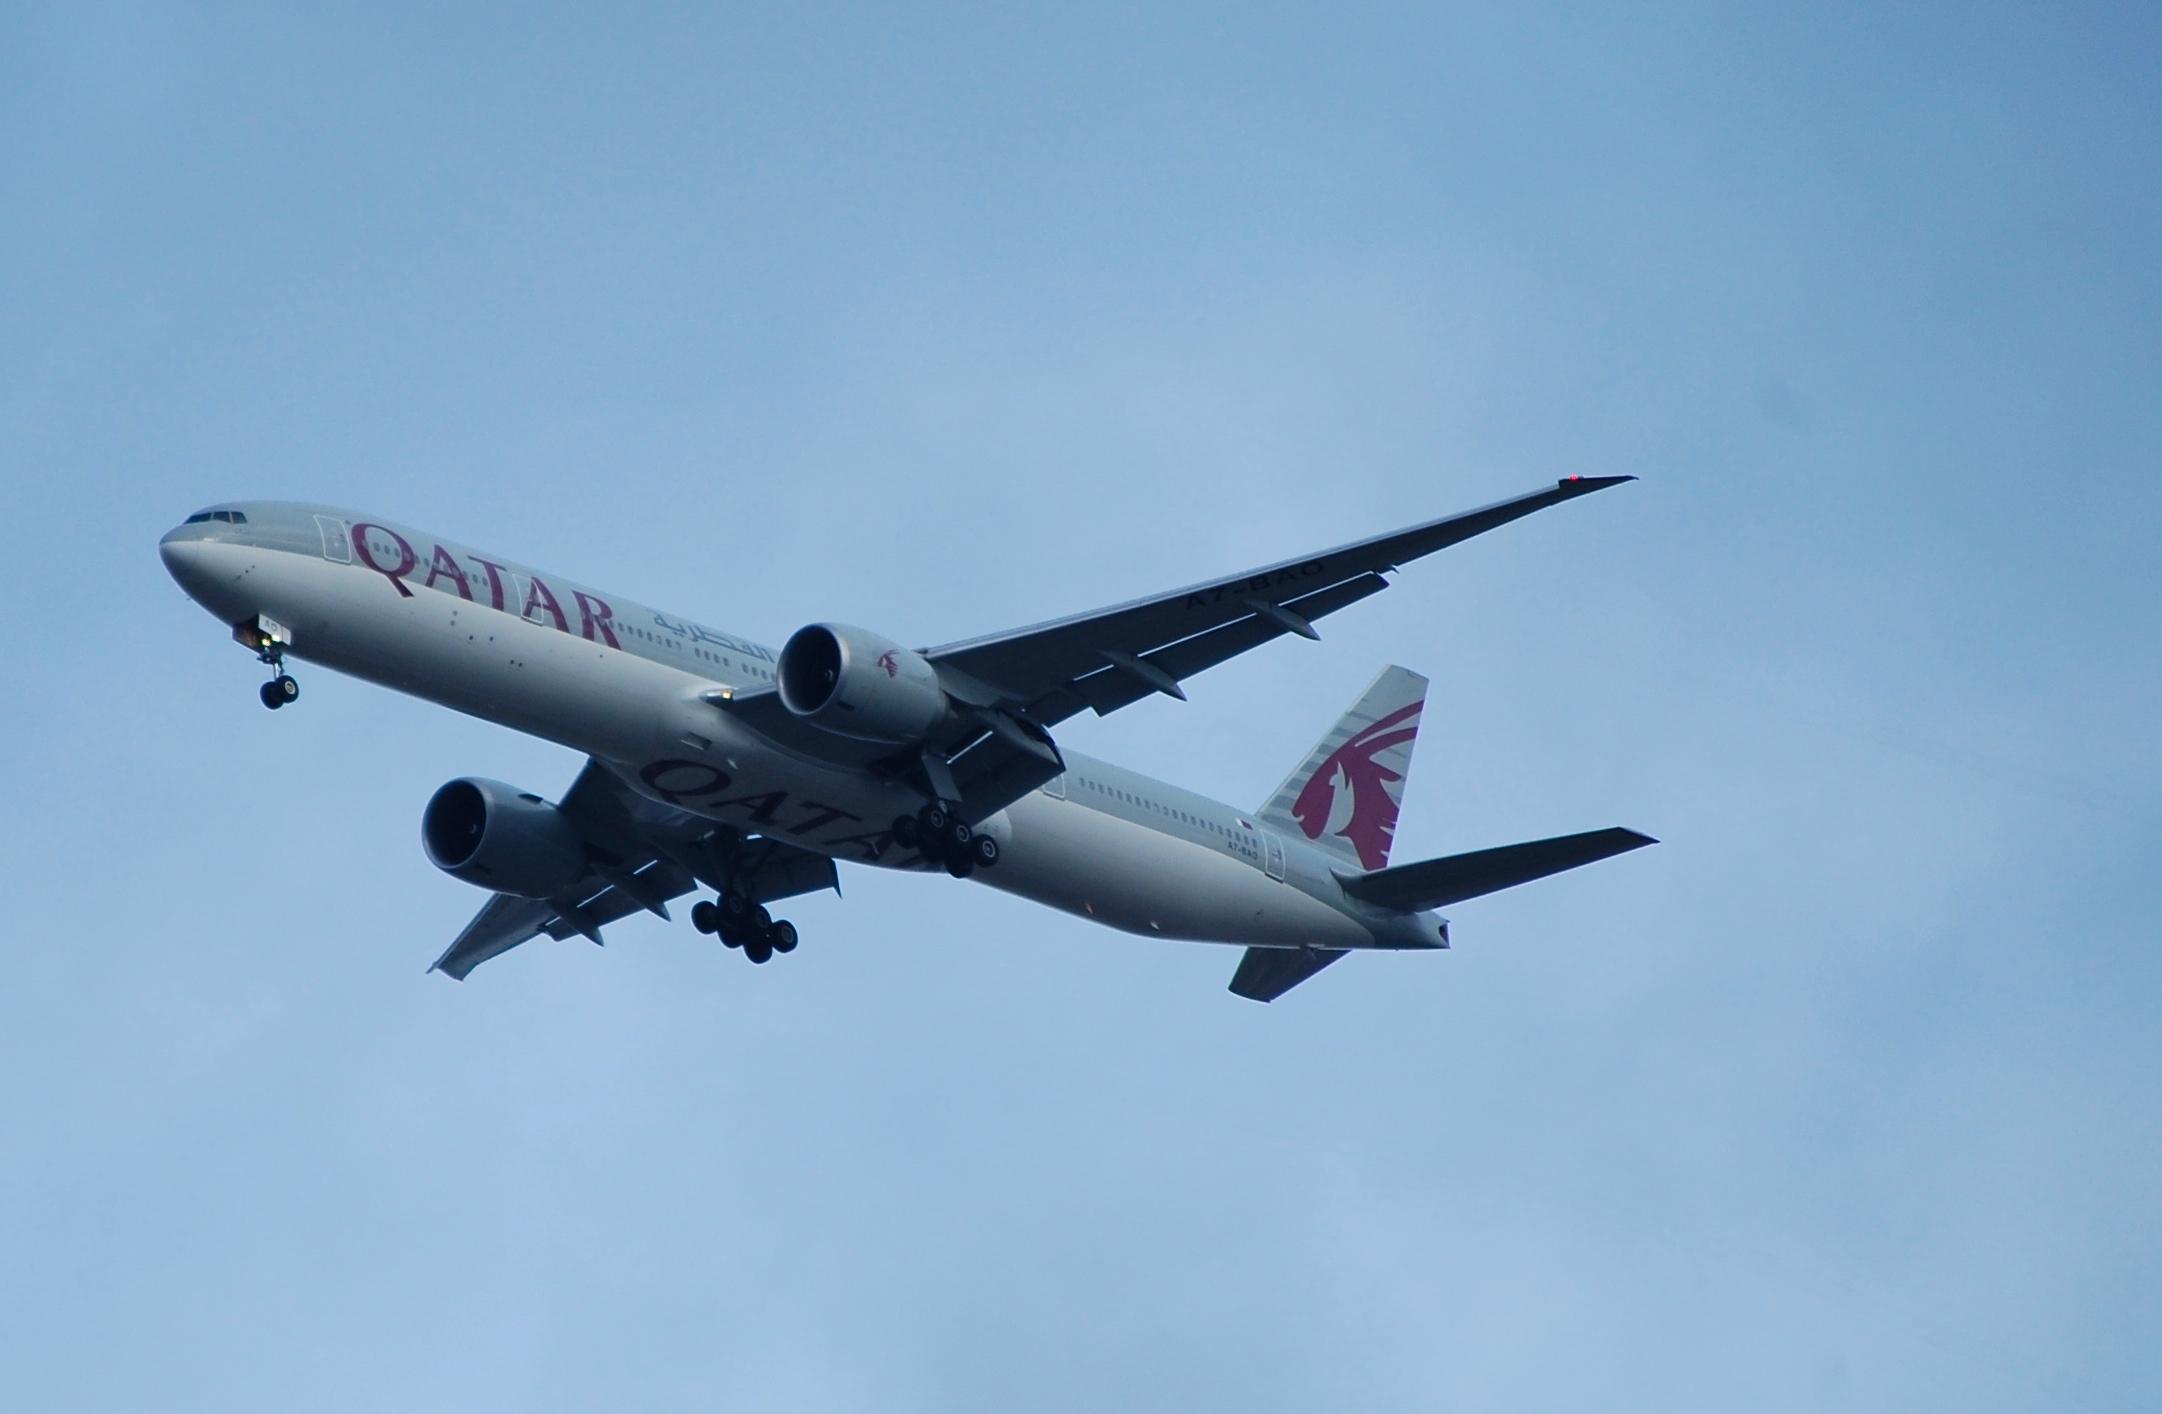 Qatar Business Class nach Asien ab 1.170€